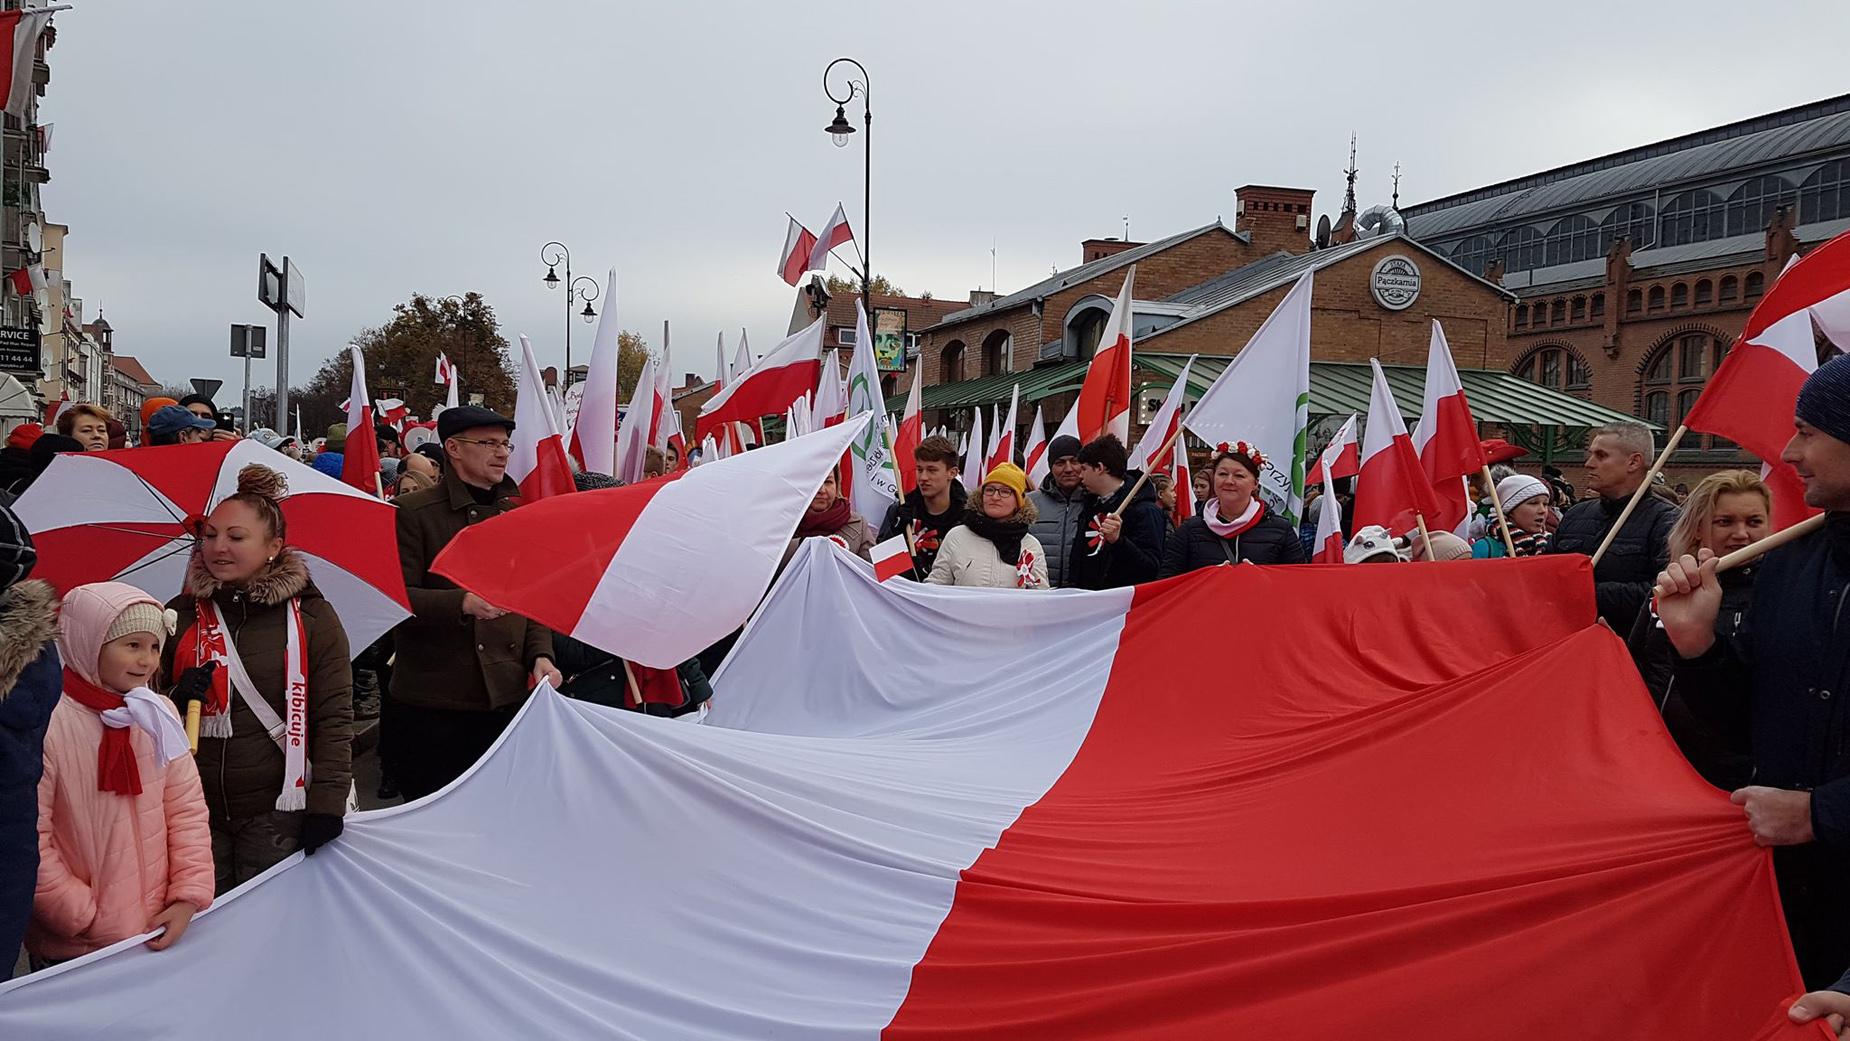 Radosne obchody święta Niepodległości. Parady niepodległości przeszły ulicami pomorskich miast